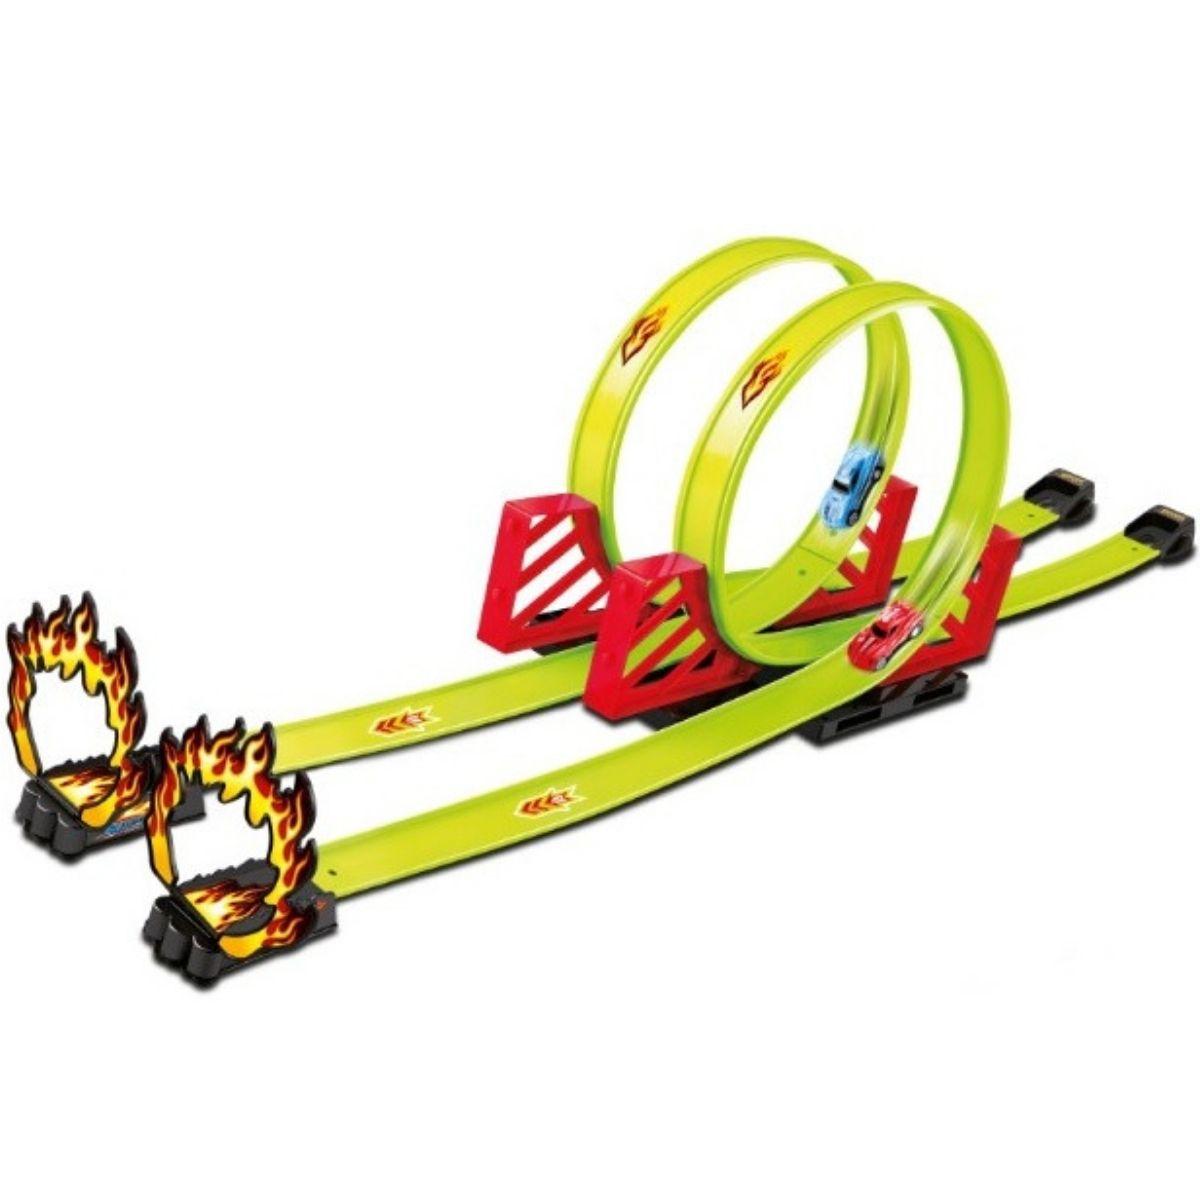 Super Pista De Corrida Looping 360º Com 2 Carros de Corrida - 68816